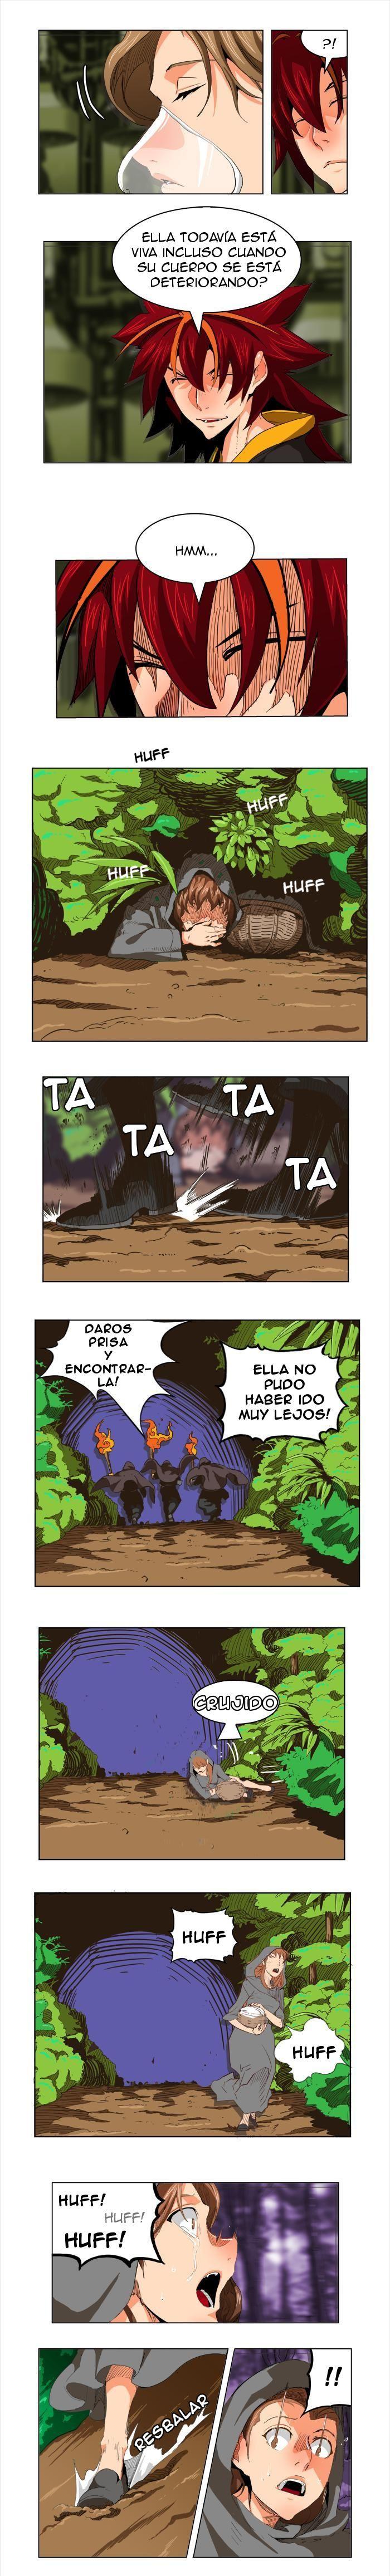 http://c5.ninemanga.com/es_manga/pic2/37/485/488888/d5b9f2fee8f809454c7727fd1466e3ec.jpg Page 4